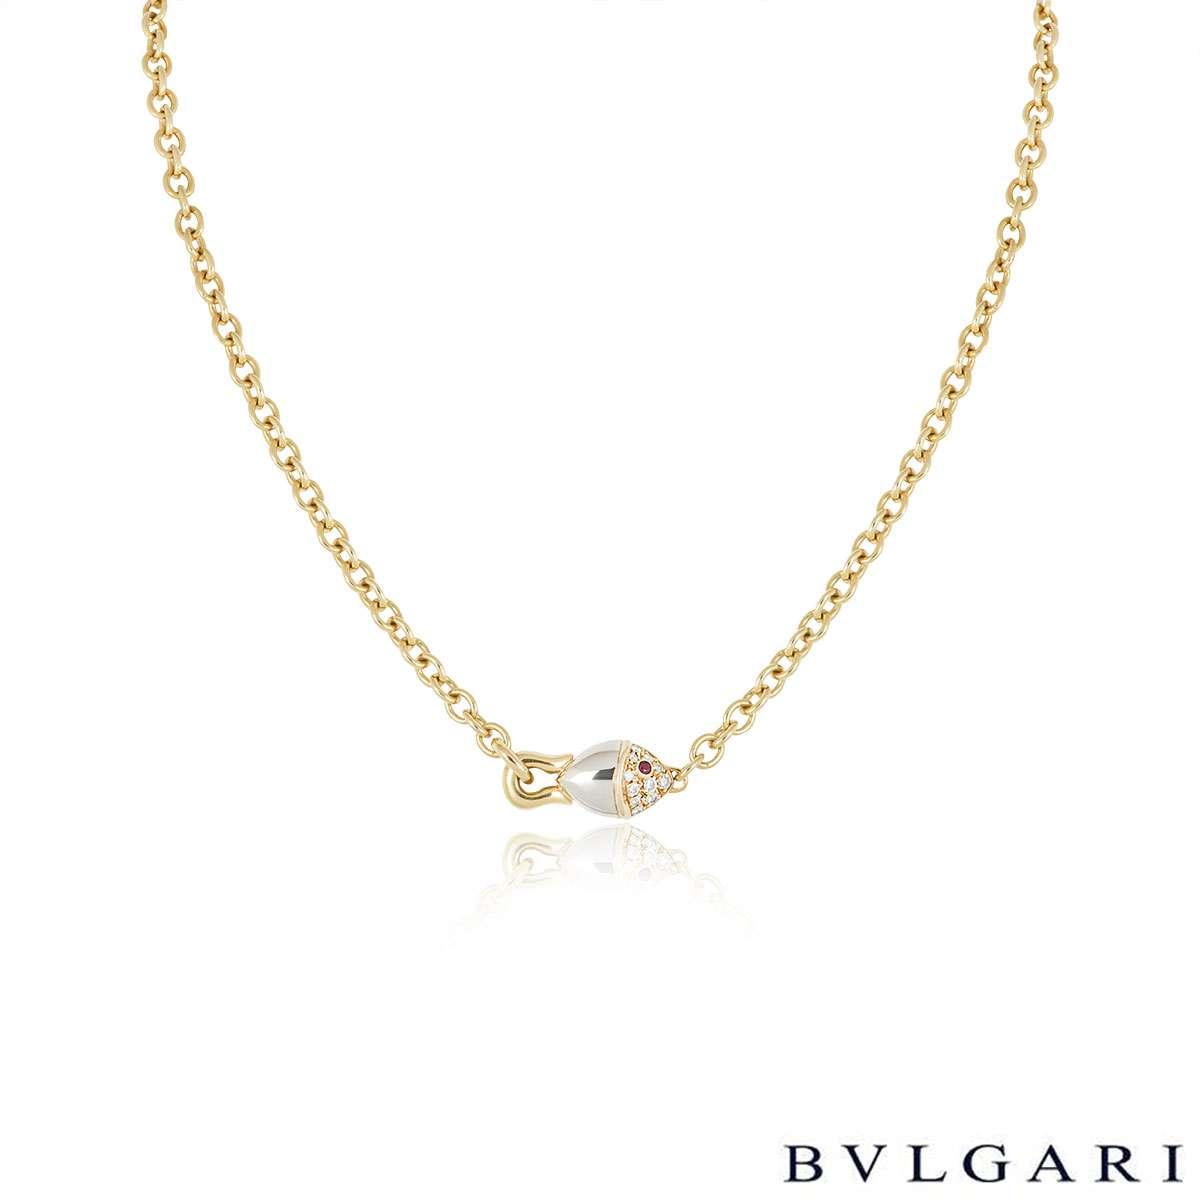 Bvlgari Yellow Gold Naturalia Diamond Necklace